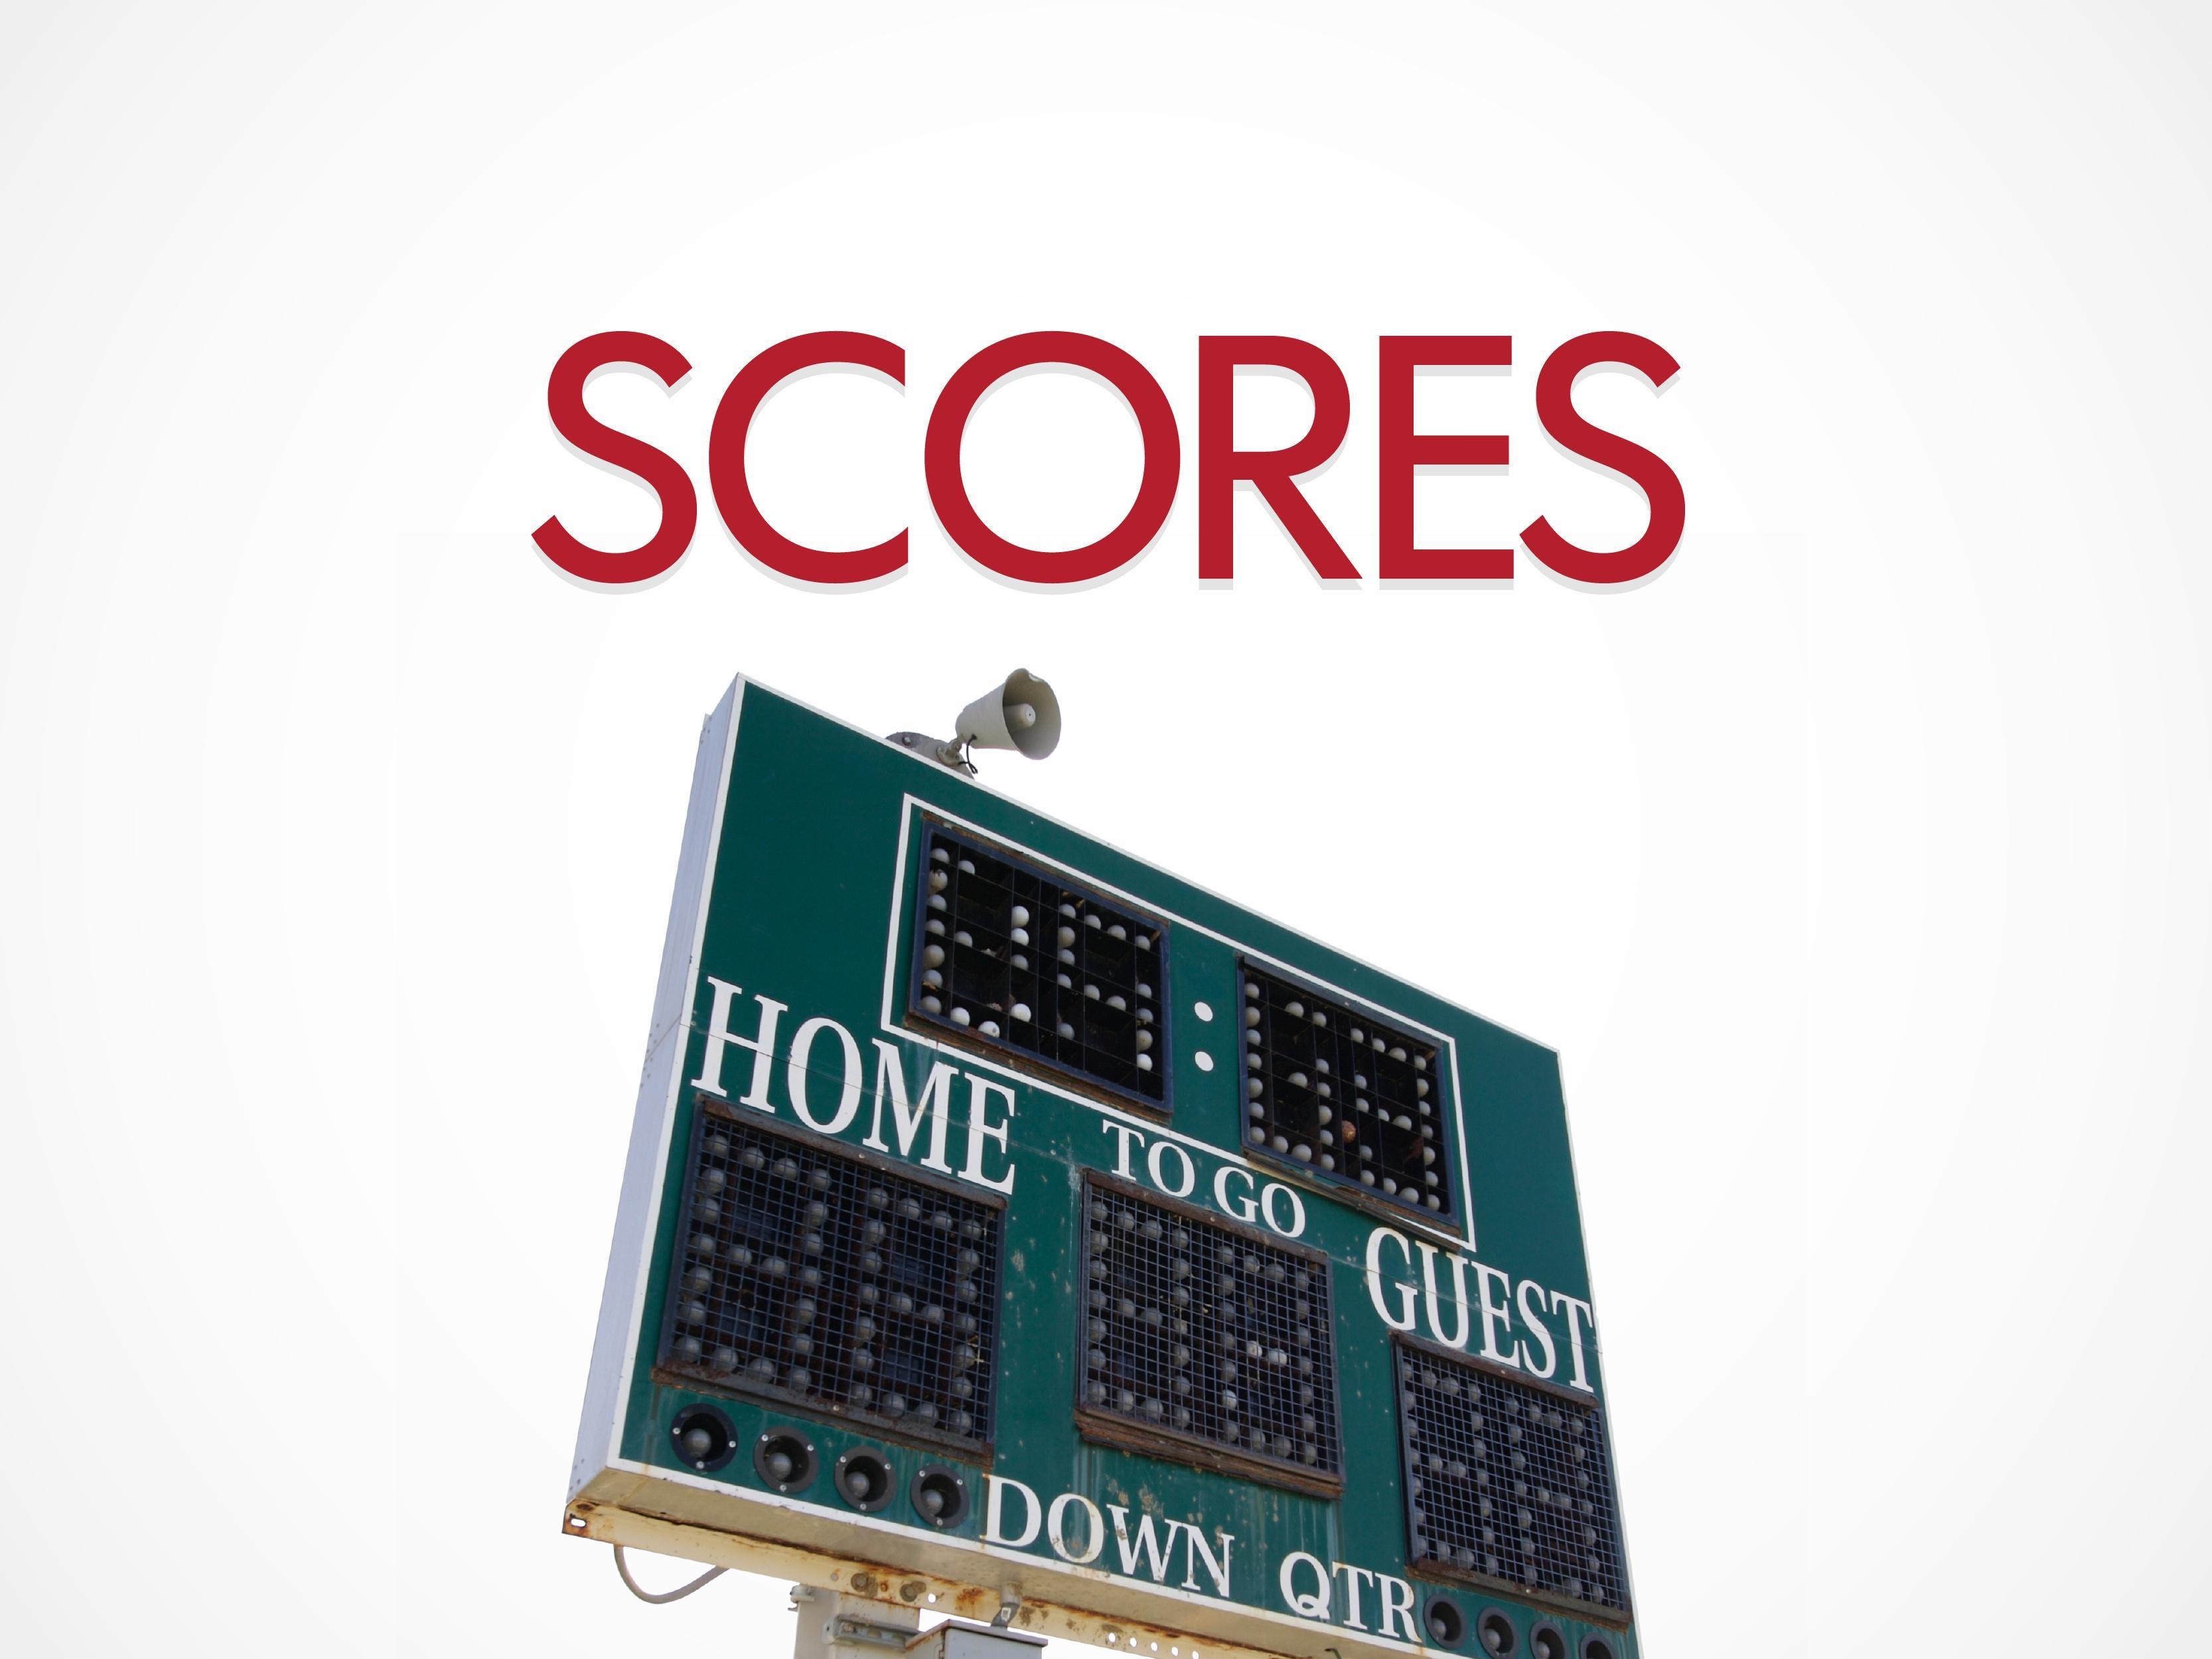 High School Scoreboard